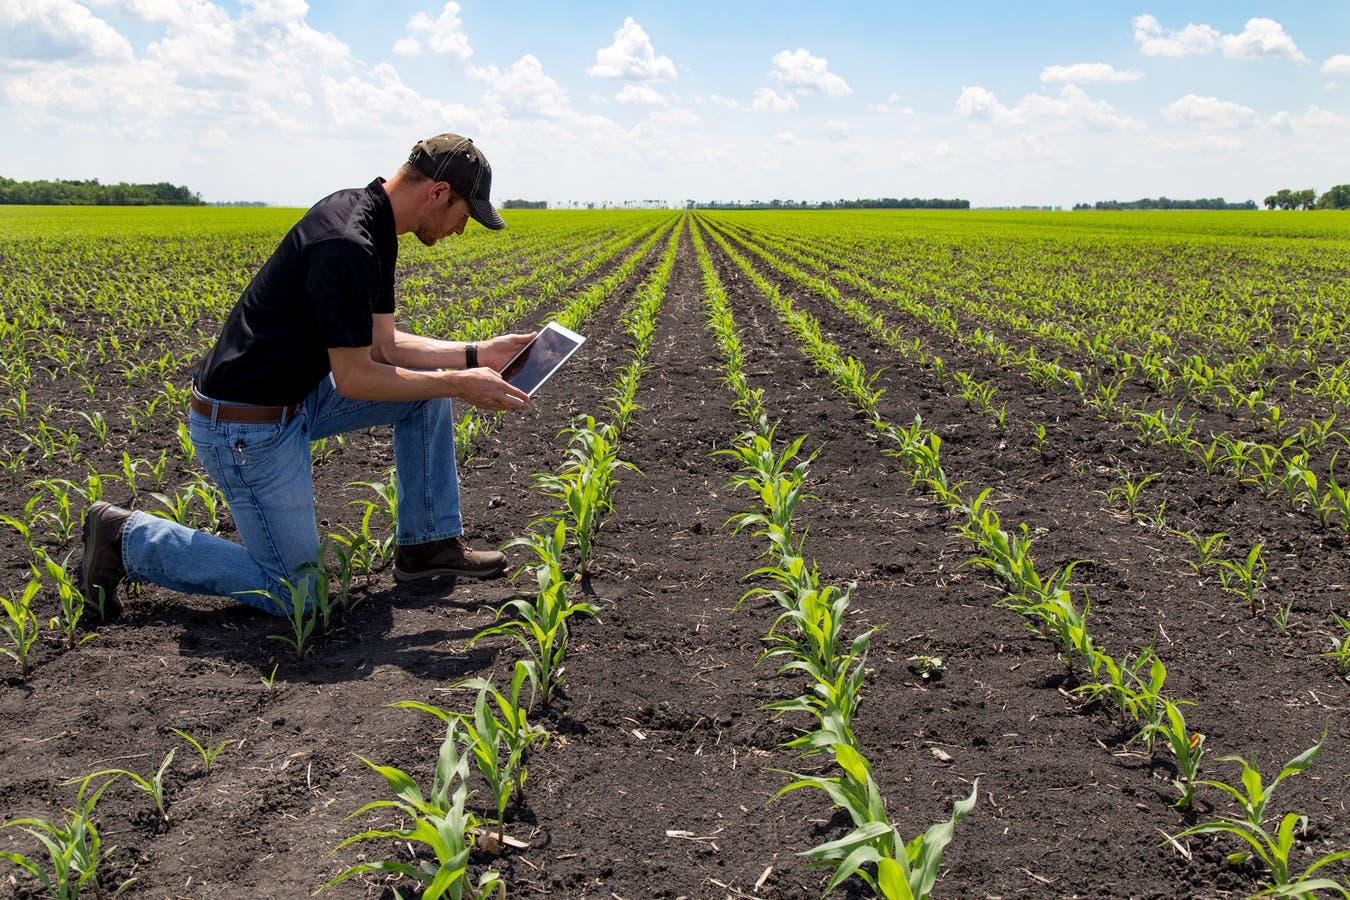 El uso de tecnologia está revolucionando el sector agropecuario